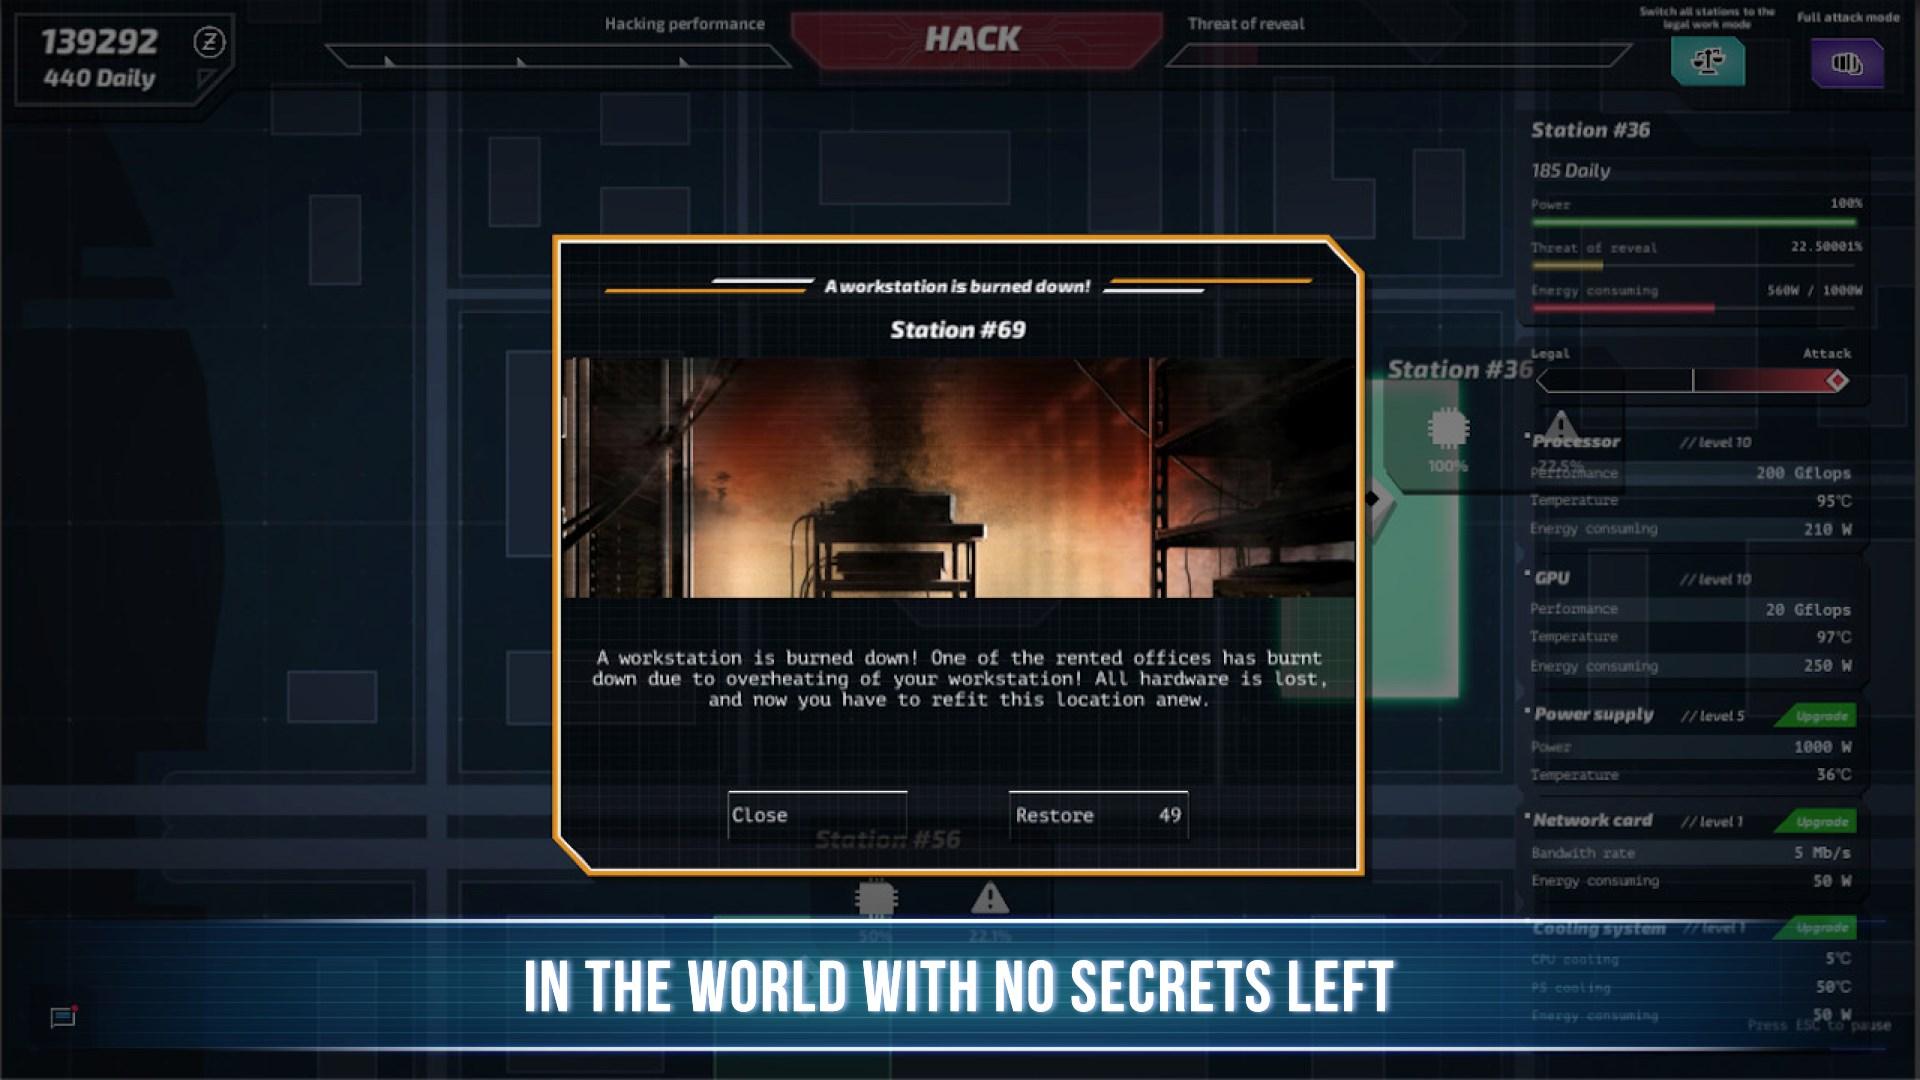 datum připojení hacknut klíč a arisa datování v reálném životě